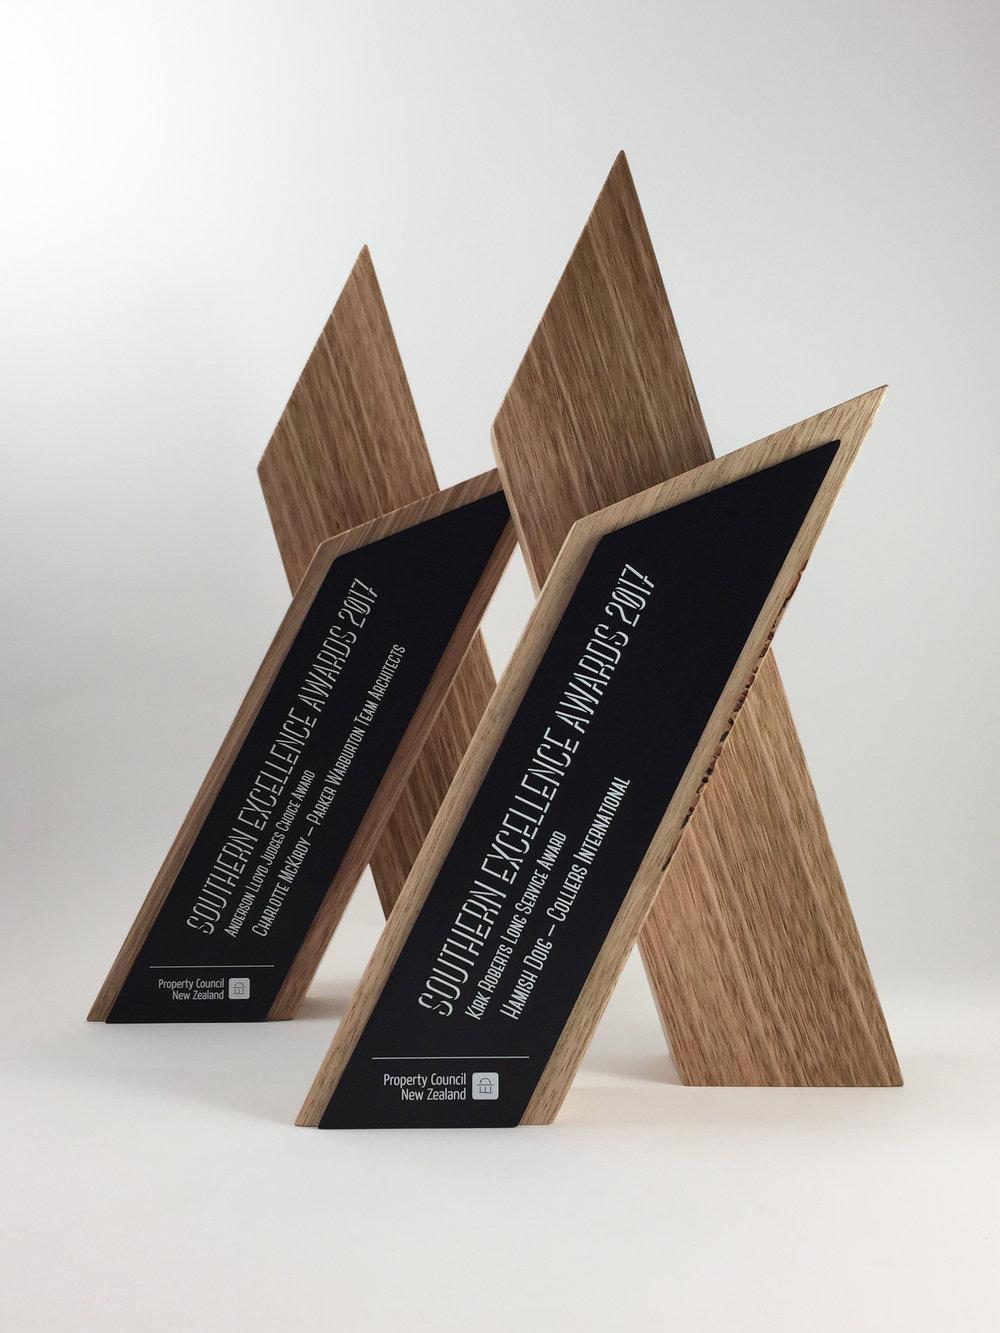 property-council-new-zealand-timber-eco-trophy-metal-award-03.jpg